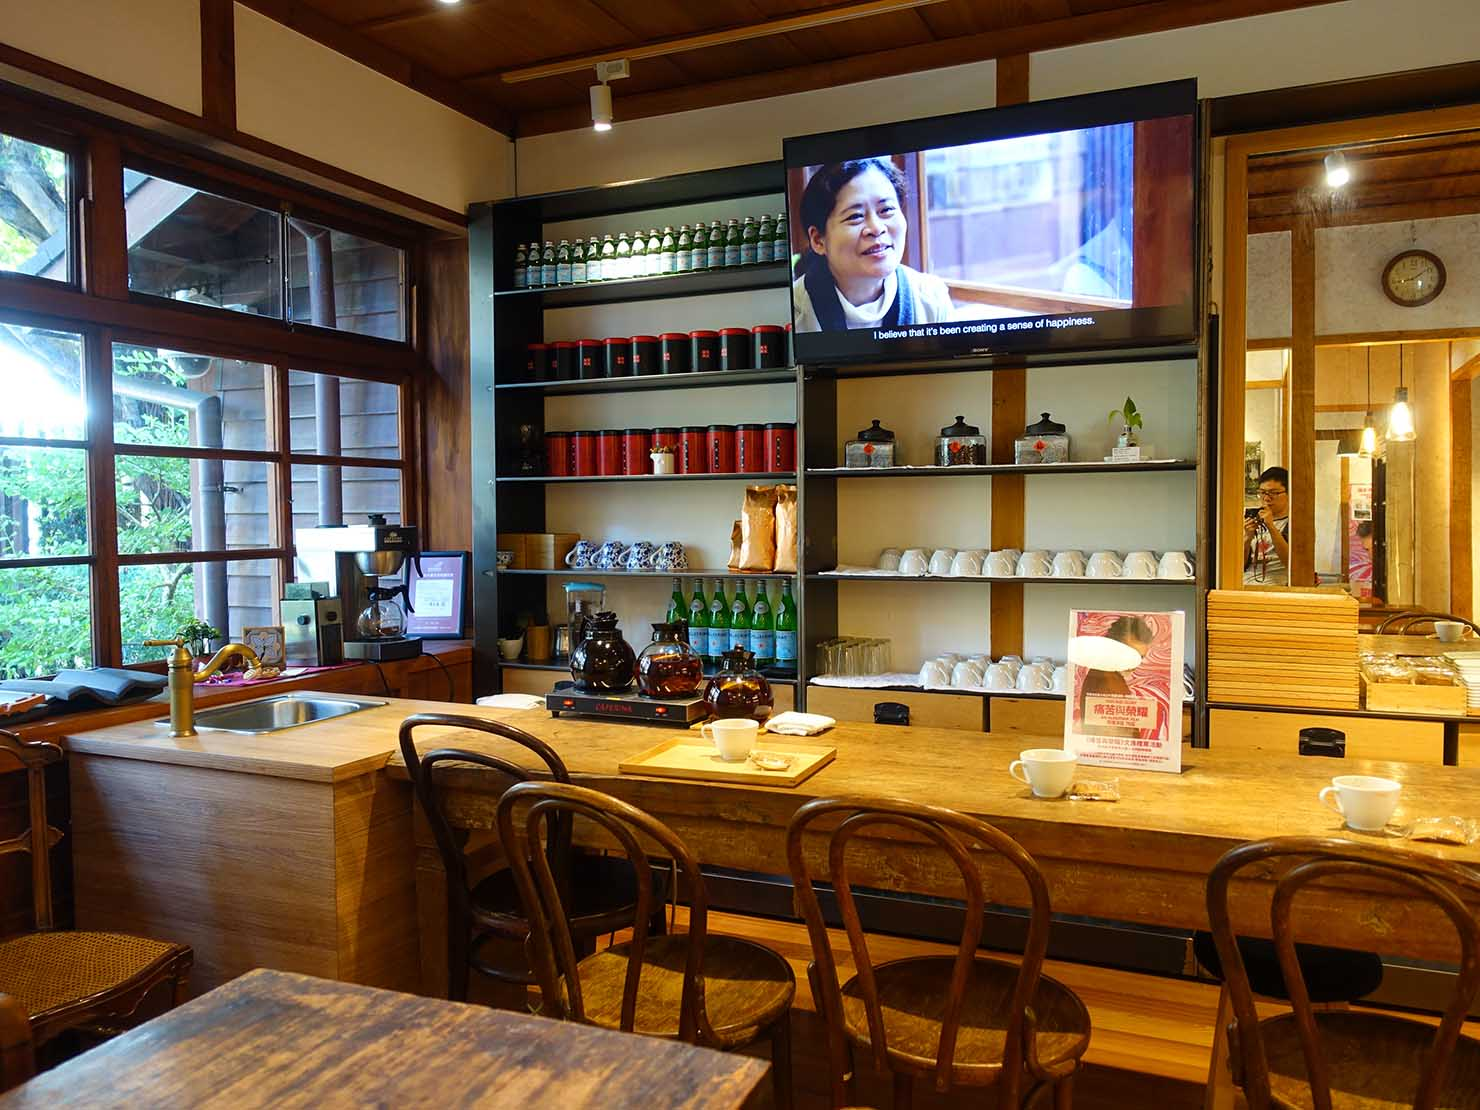 台北の街に佇む日本式古民家の図書館「文房 Chapter」のダイニングスペース